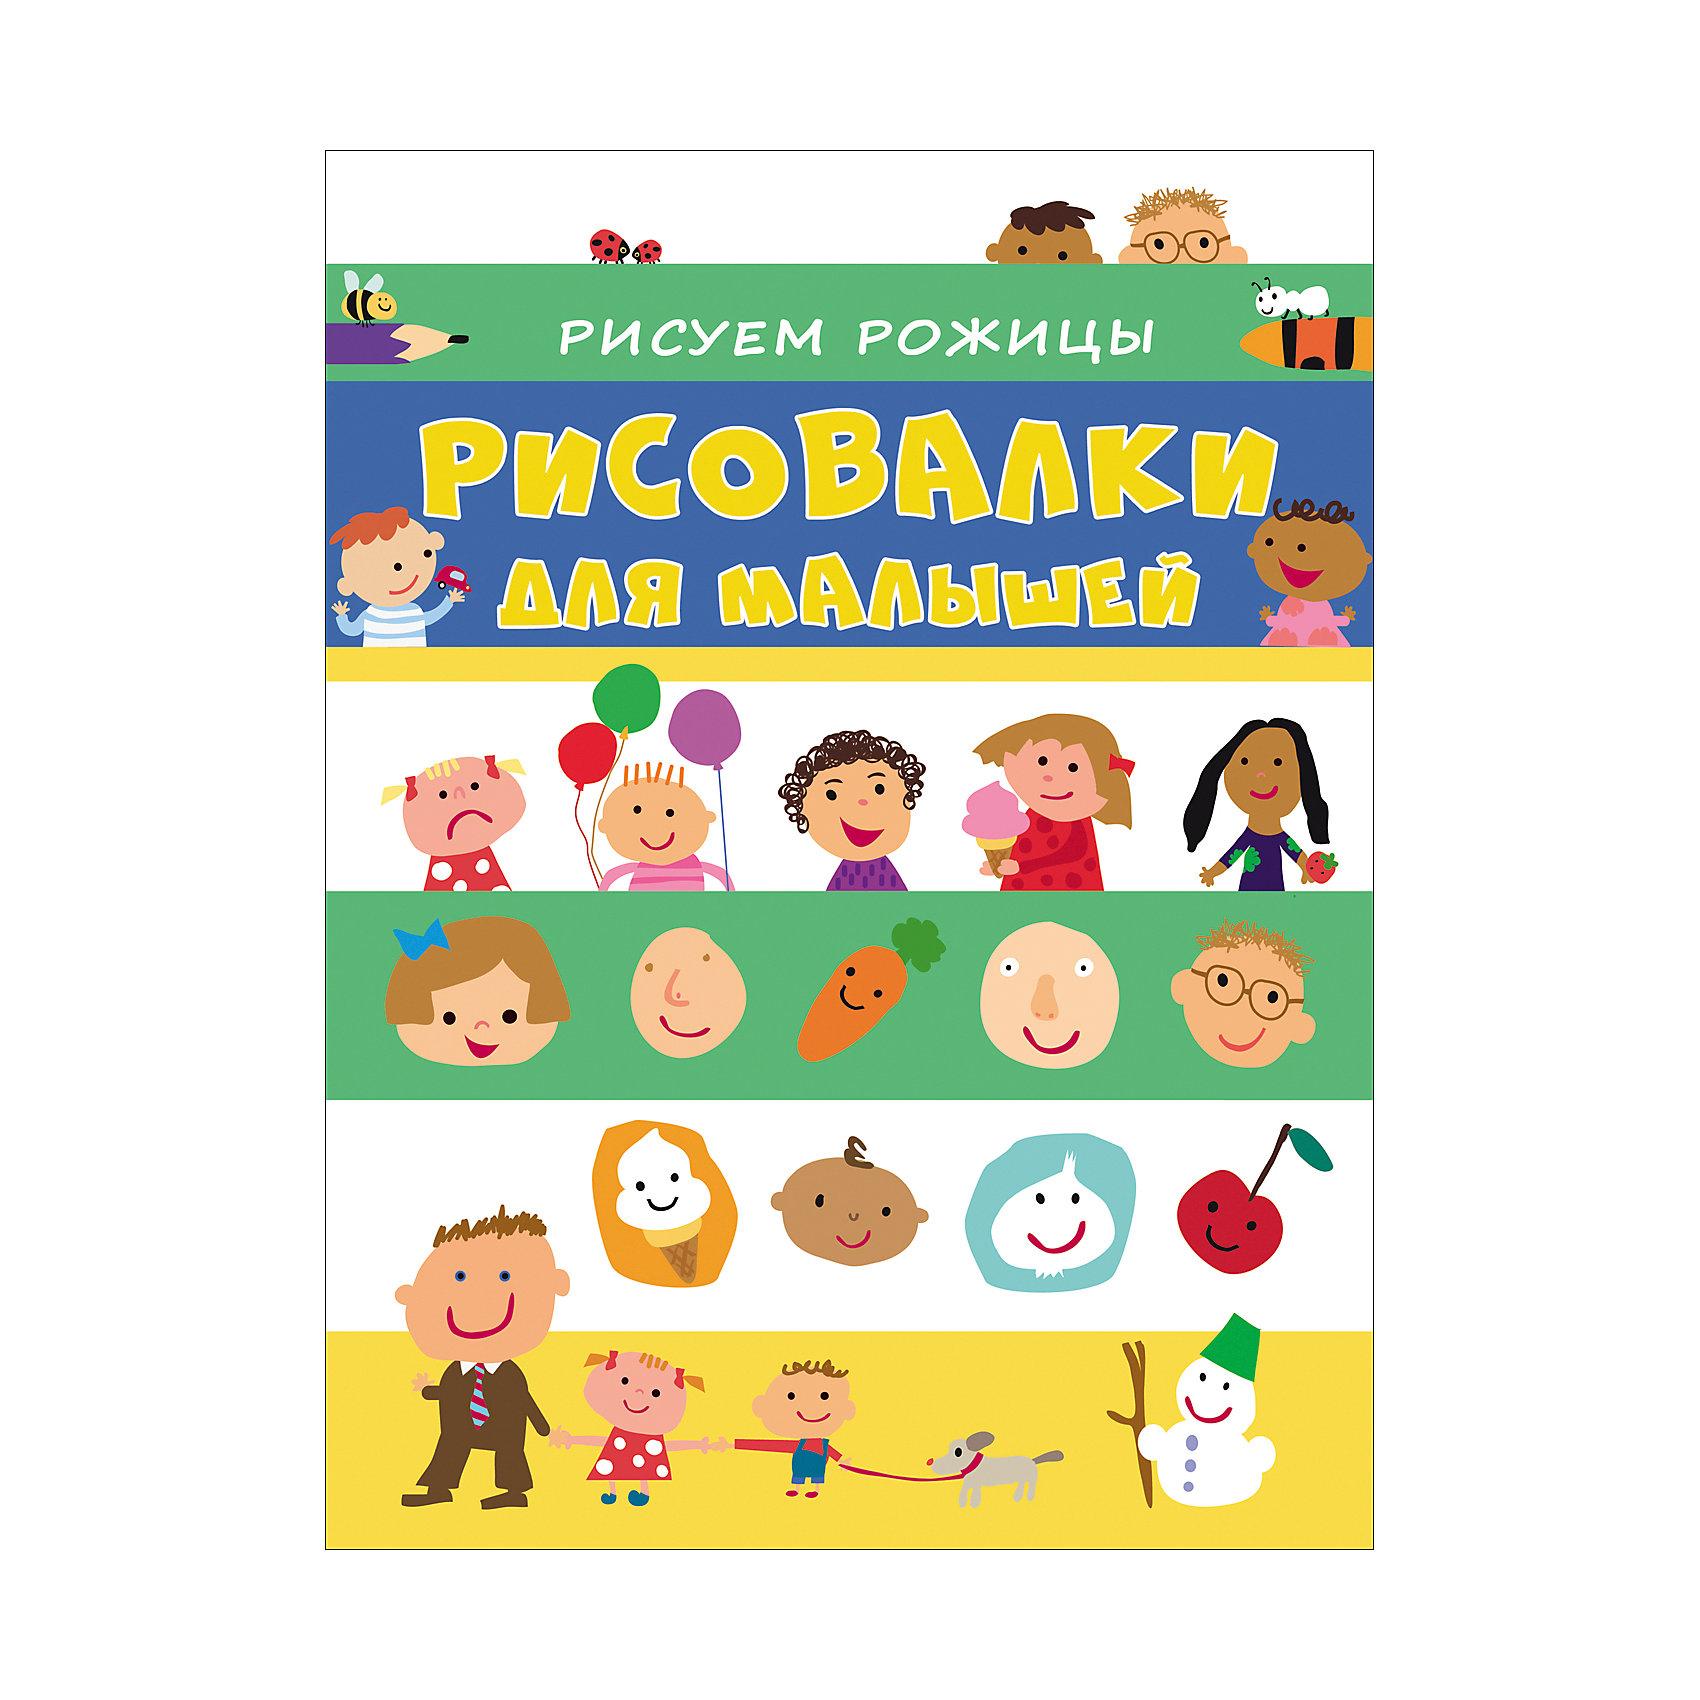 Рисовалки для малышей: рисуем рожицыРосмэн<br>Рисовалки для малышей. Рисуем рожицы<br><br>Характеристики:<br><br>• ISBN: 9785353082262<br>• Количество страниц: 32<br>• Формат: А4<br>• Обложка: твердая <br>• Материал: картон<br><br>Эта книга учит детей рисовать  - начиная от отдельных элементов и заканчивая общей картинкой. Это необычная раскраска, это настоящий простор для фантазии с легкими заданиями! Рисование развивает мелкую моторику детей и способствует развитию воображения и творческого начала. Это пособие поможет детям обучаться увлекательно и совершенствоваться день ото дня! Прогресс можно проследить от первого до последнего рисунка. <br><br>Рисовалки для малышей. Рисуем рожицы можно купить в нашем интернет-магазине.<br><br>Ширина мм: 280<br>Глубина мм: 212<br>Высота мм: 20<br>Вес г: 139<br>Возраст от месяцев: -2147483648<br>Возраст до месяцев: 2147483647<br>Пол: Унисекс<br>Возраст: Детский<br>SKU: 5507131